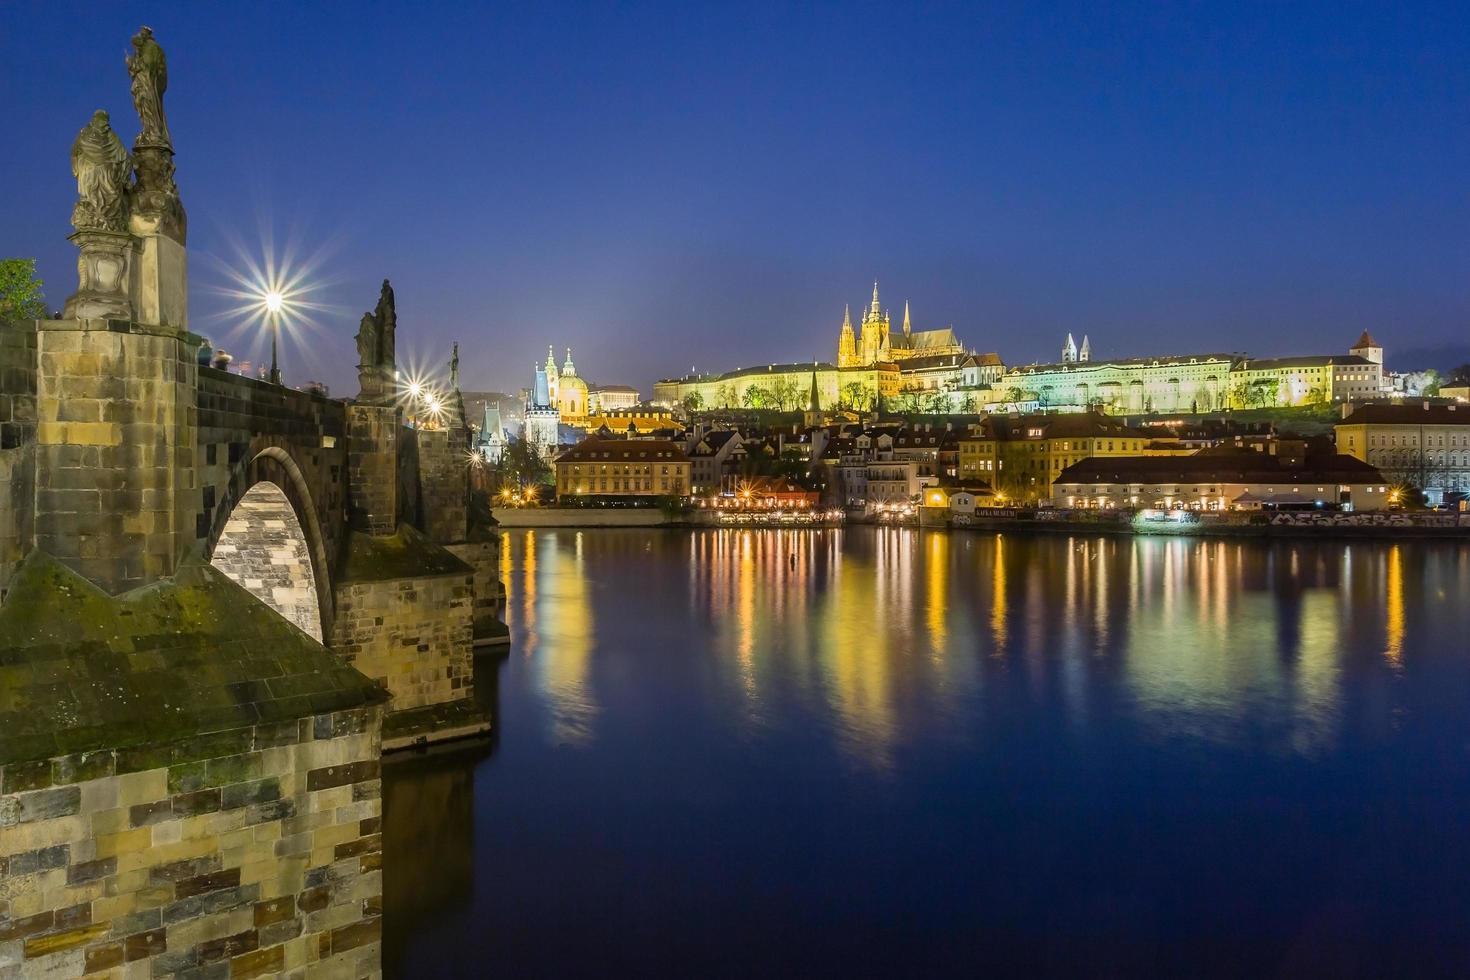 vista notturna del castello di praga e il ponte carlo sul fiume moldava a praga. Repubblica Ceca. foto